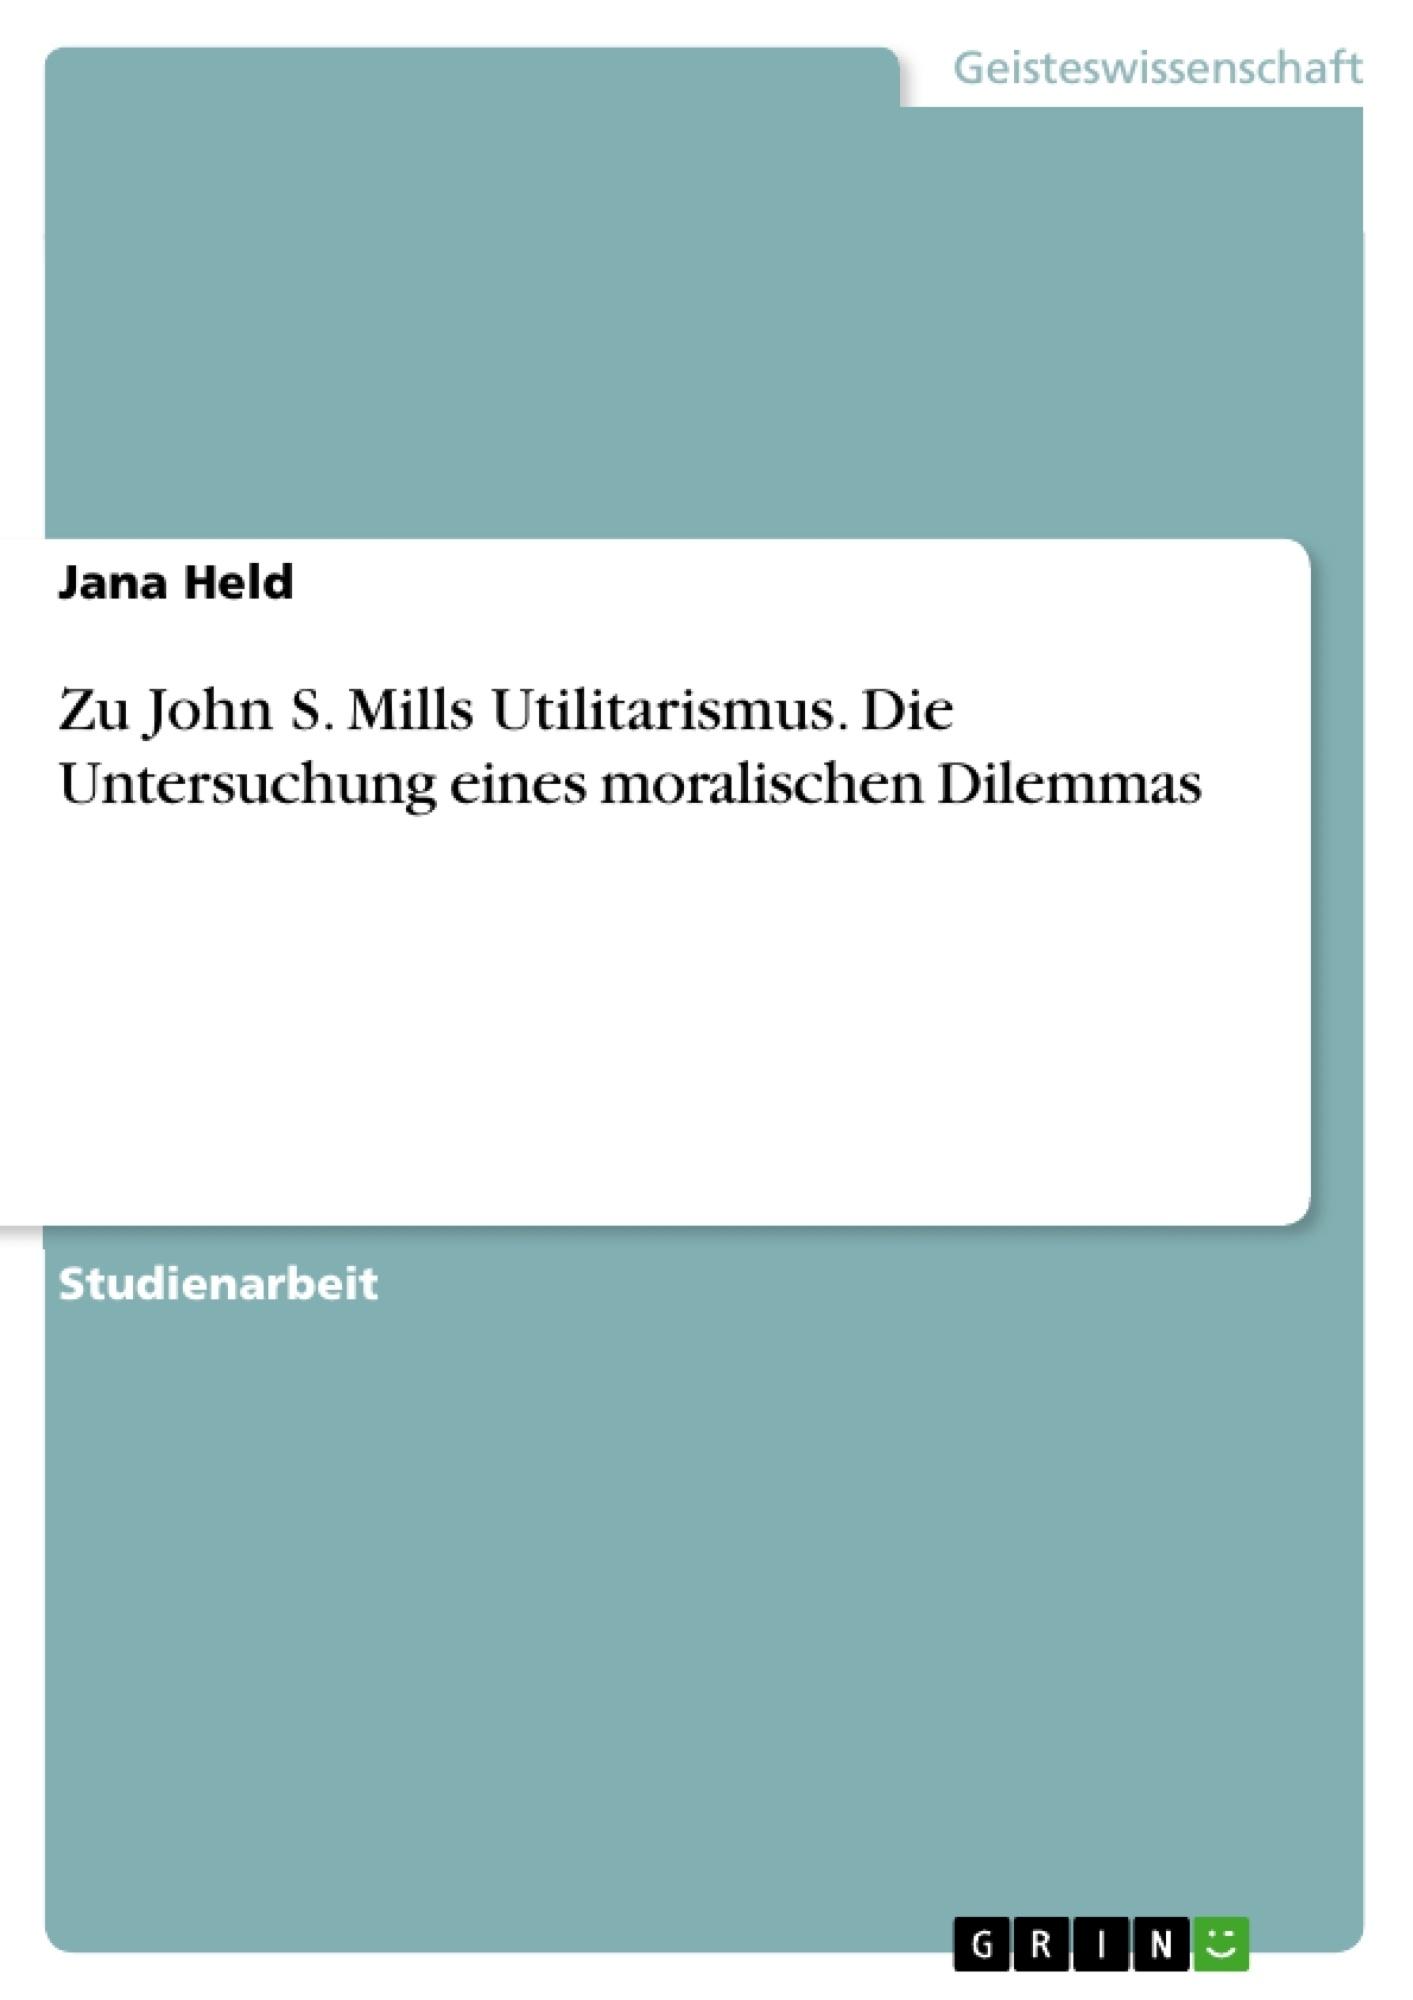 Titel: Zu John S. Mills Utilitarismus. Die Untersuchung eines moralischen Dilemmas